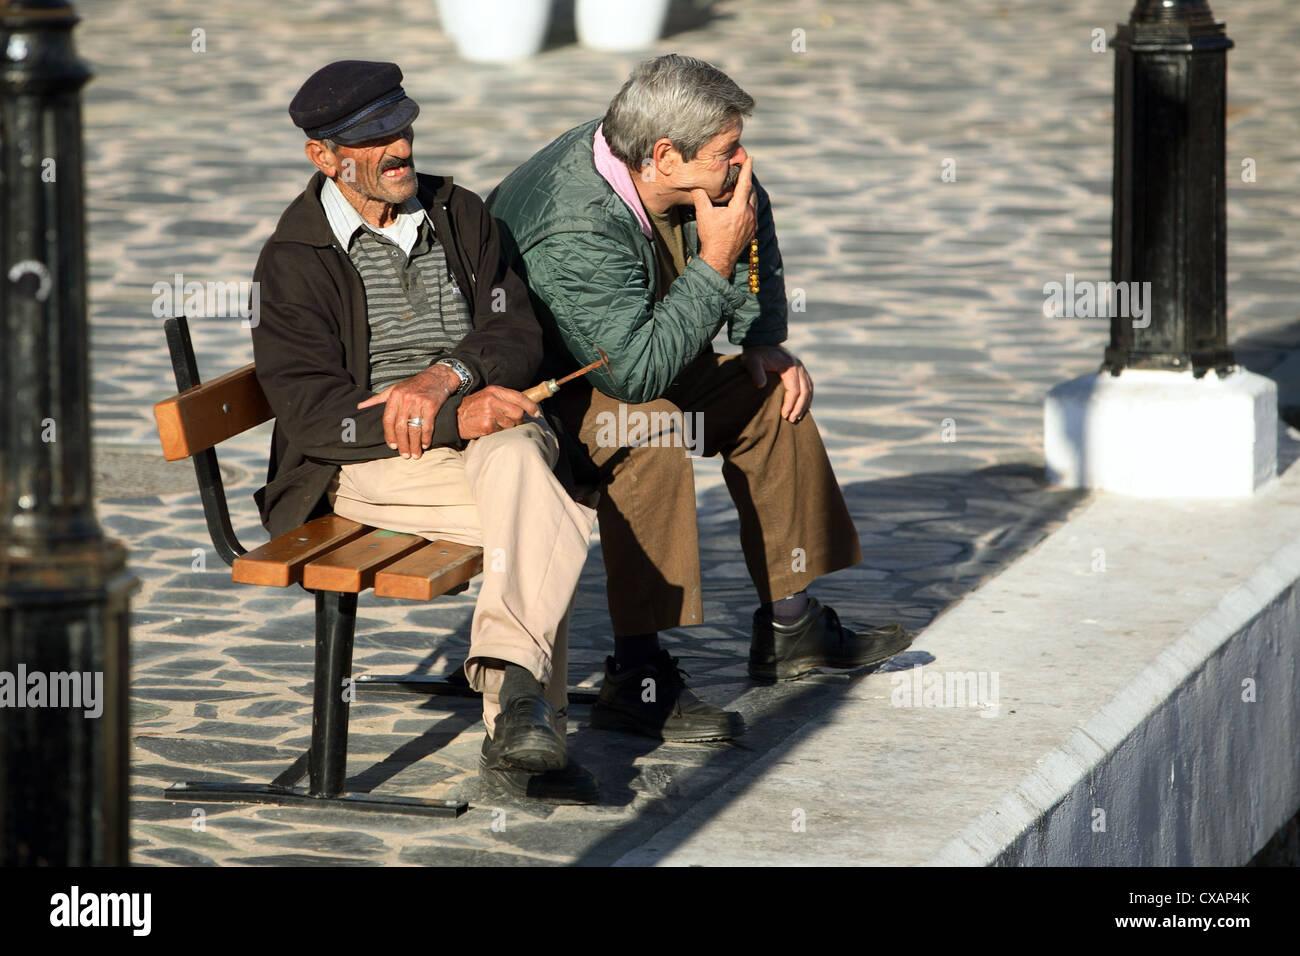 Agios Nikolaos, old men sitting on a bench - Stock Image